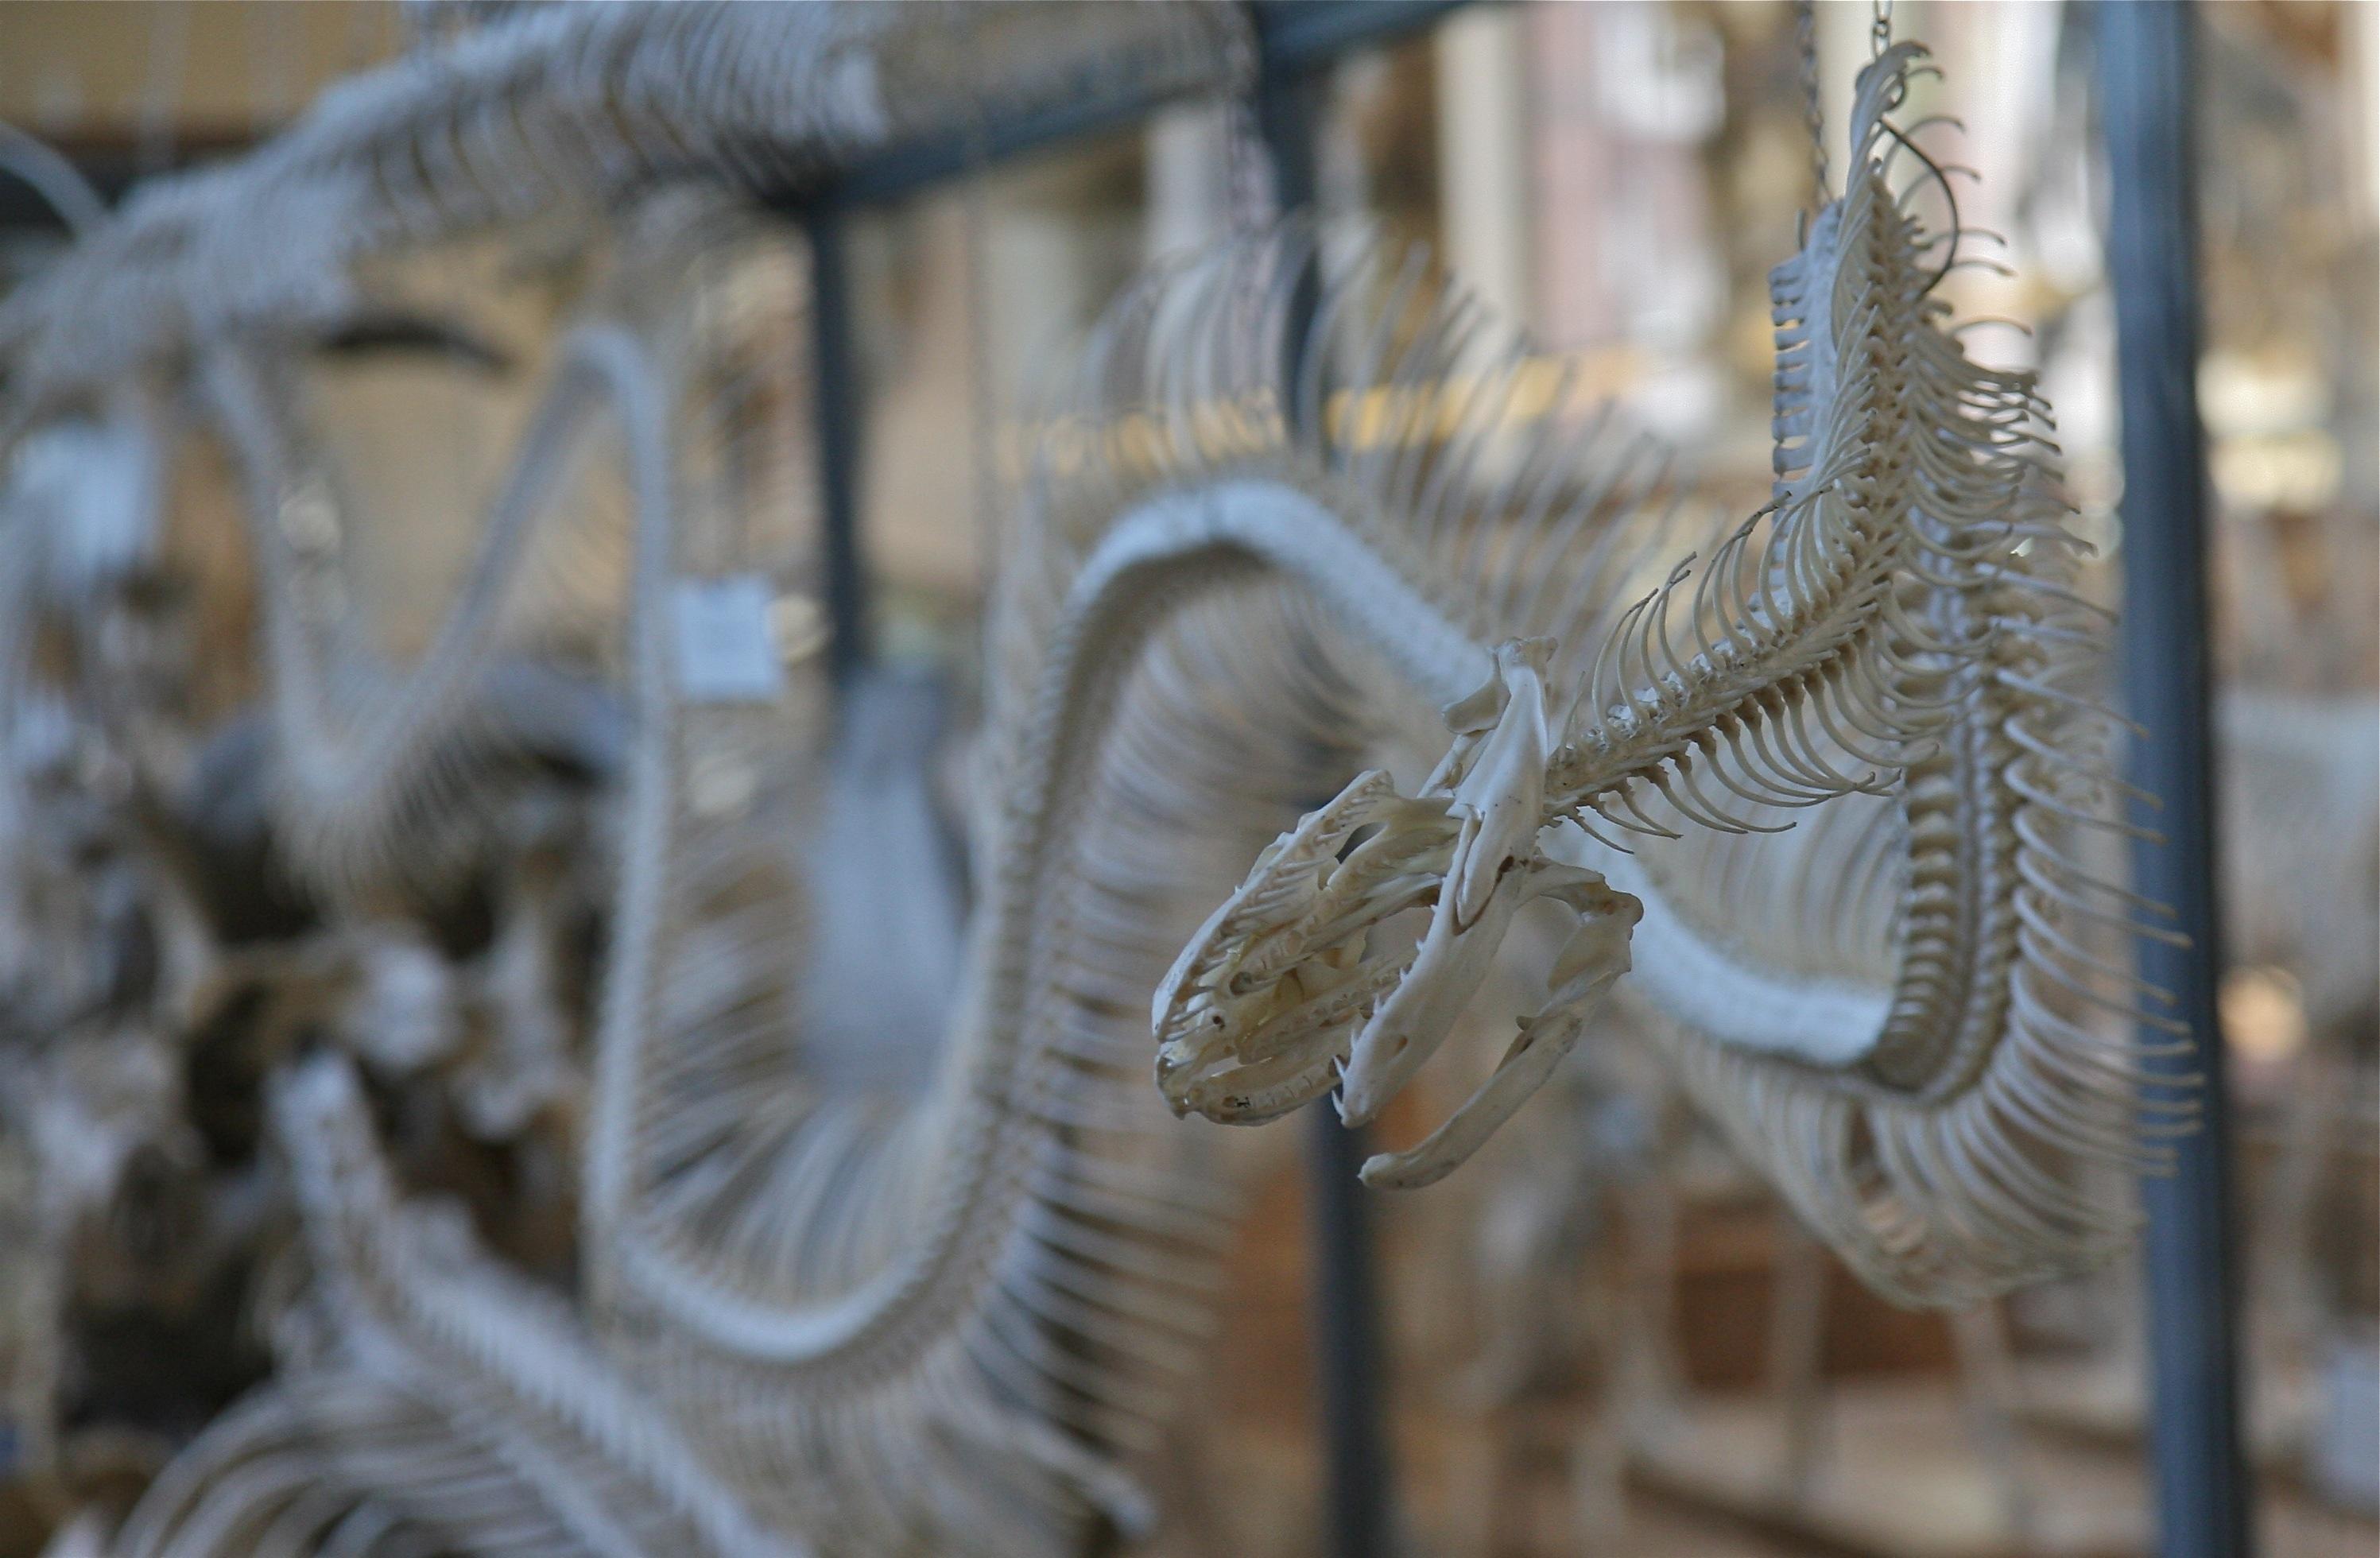 Fotos gratis : nieve, invierno, pájaro, blanco, escarcha, bicicleta ...